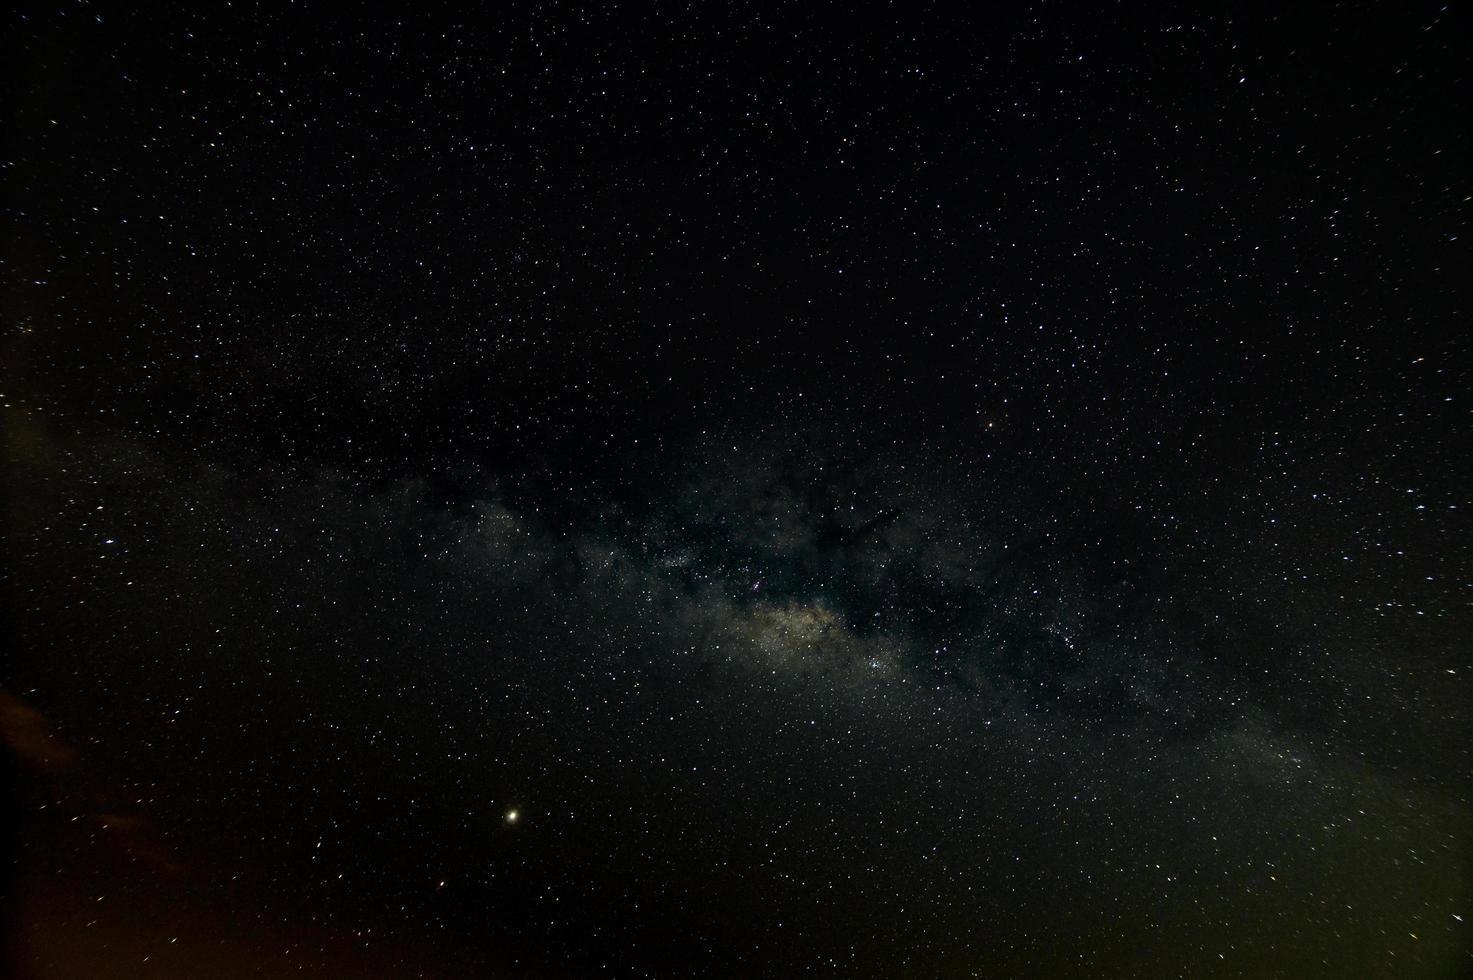 voie lactée dans le ciel nocturne profond photo